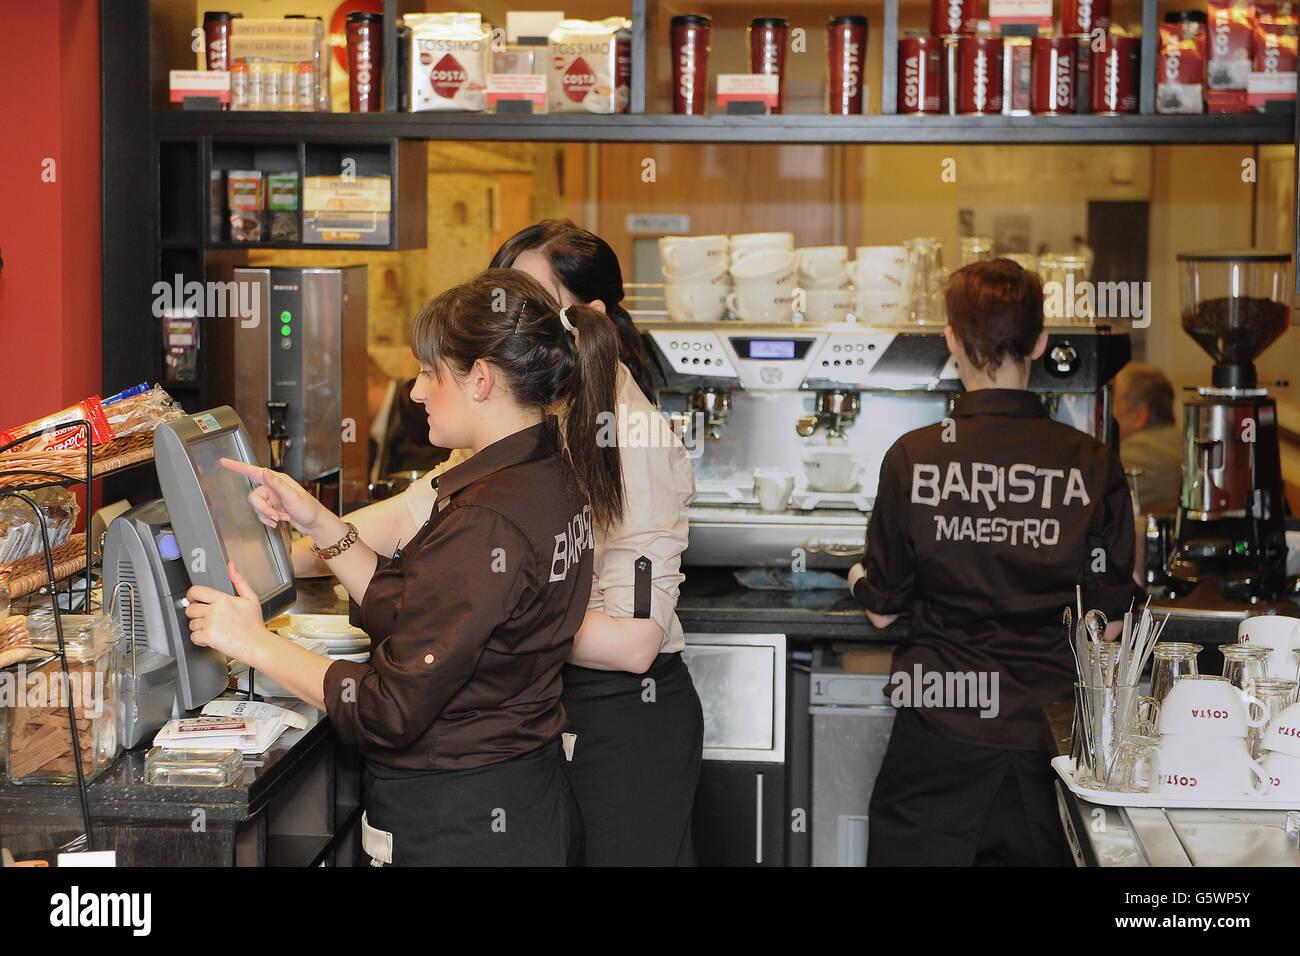 Barista costa coffee Jobs | Glassdoor.co.uk